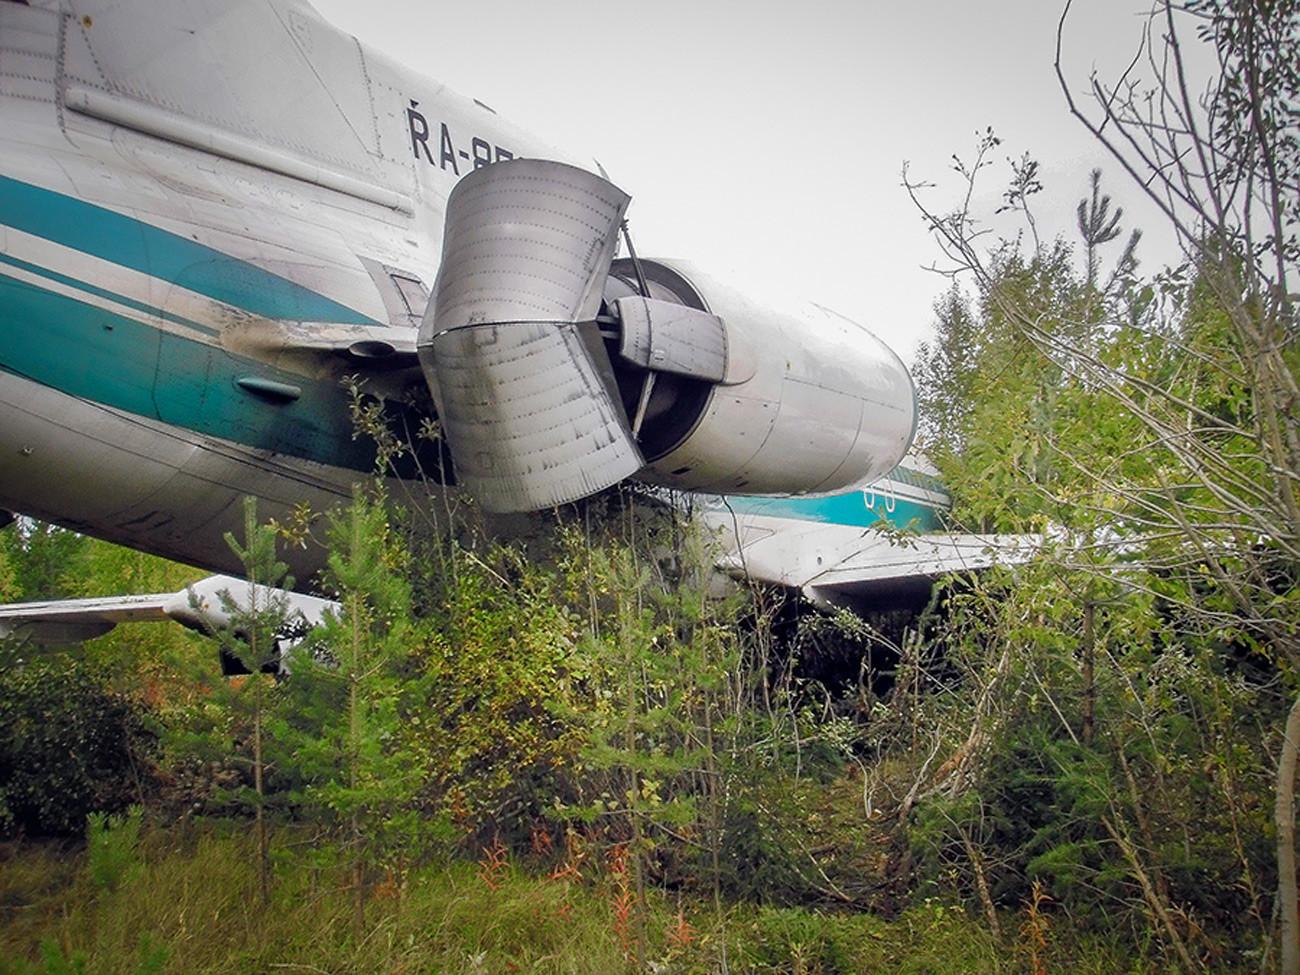 Zrakoplov Tupoljev Tu-154 koji je prisilno sletio na nekadašnji aerodrom u selu Ižmi, Republika Komi.